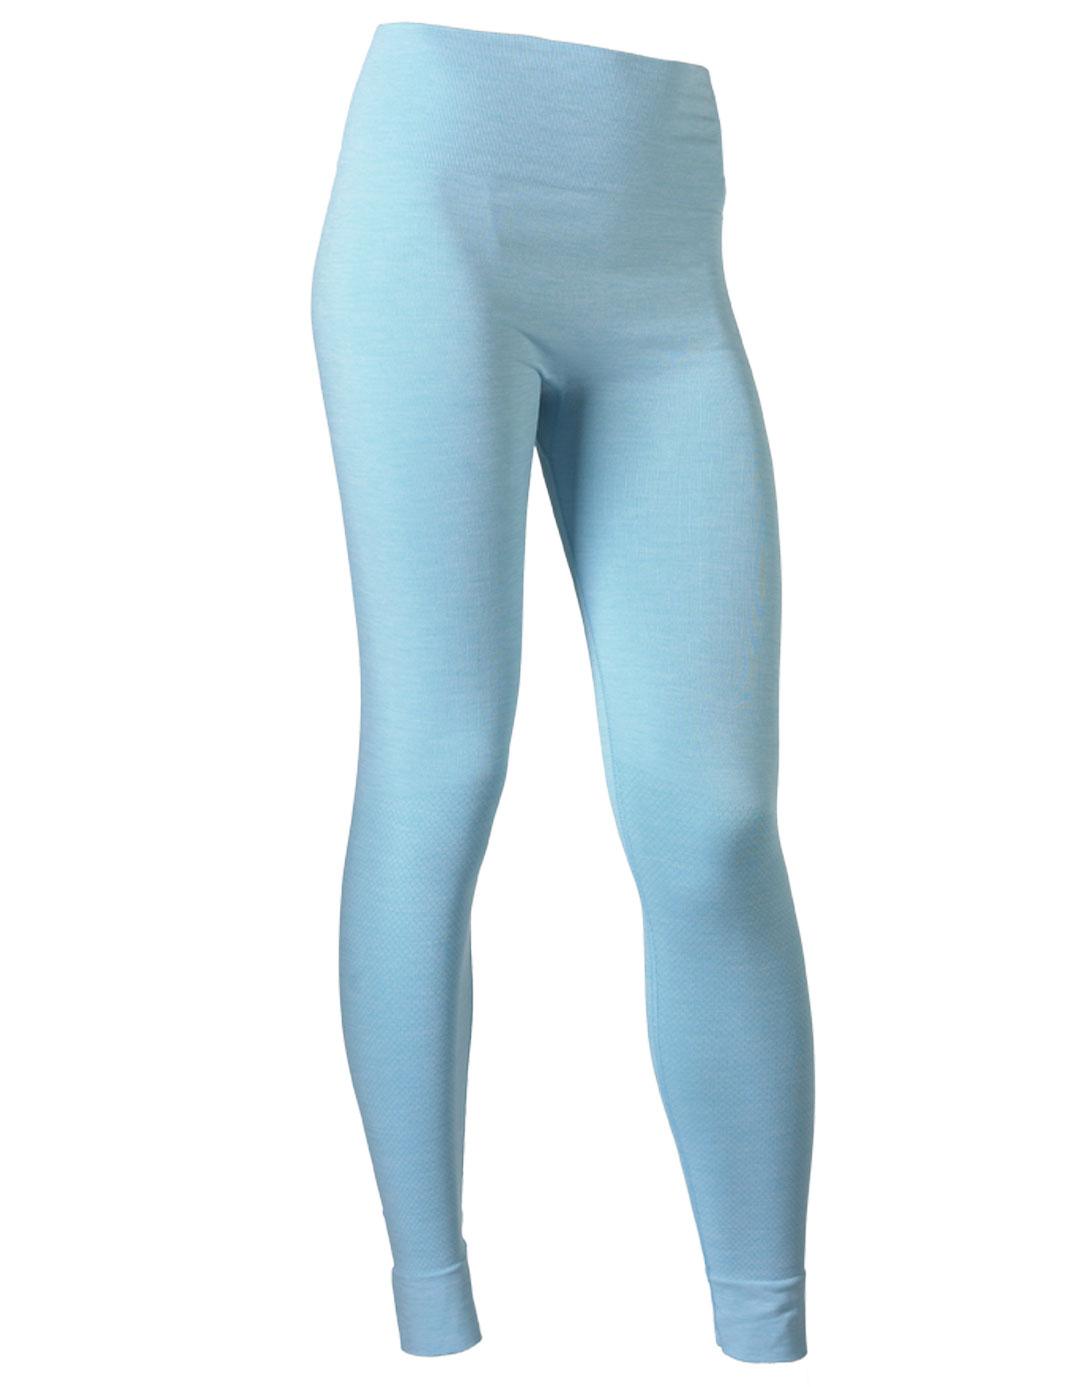 Bandha Yogabukser - Turquoise / White